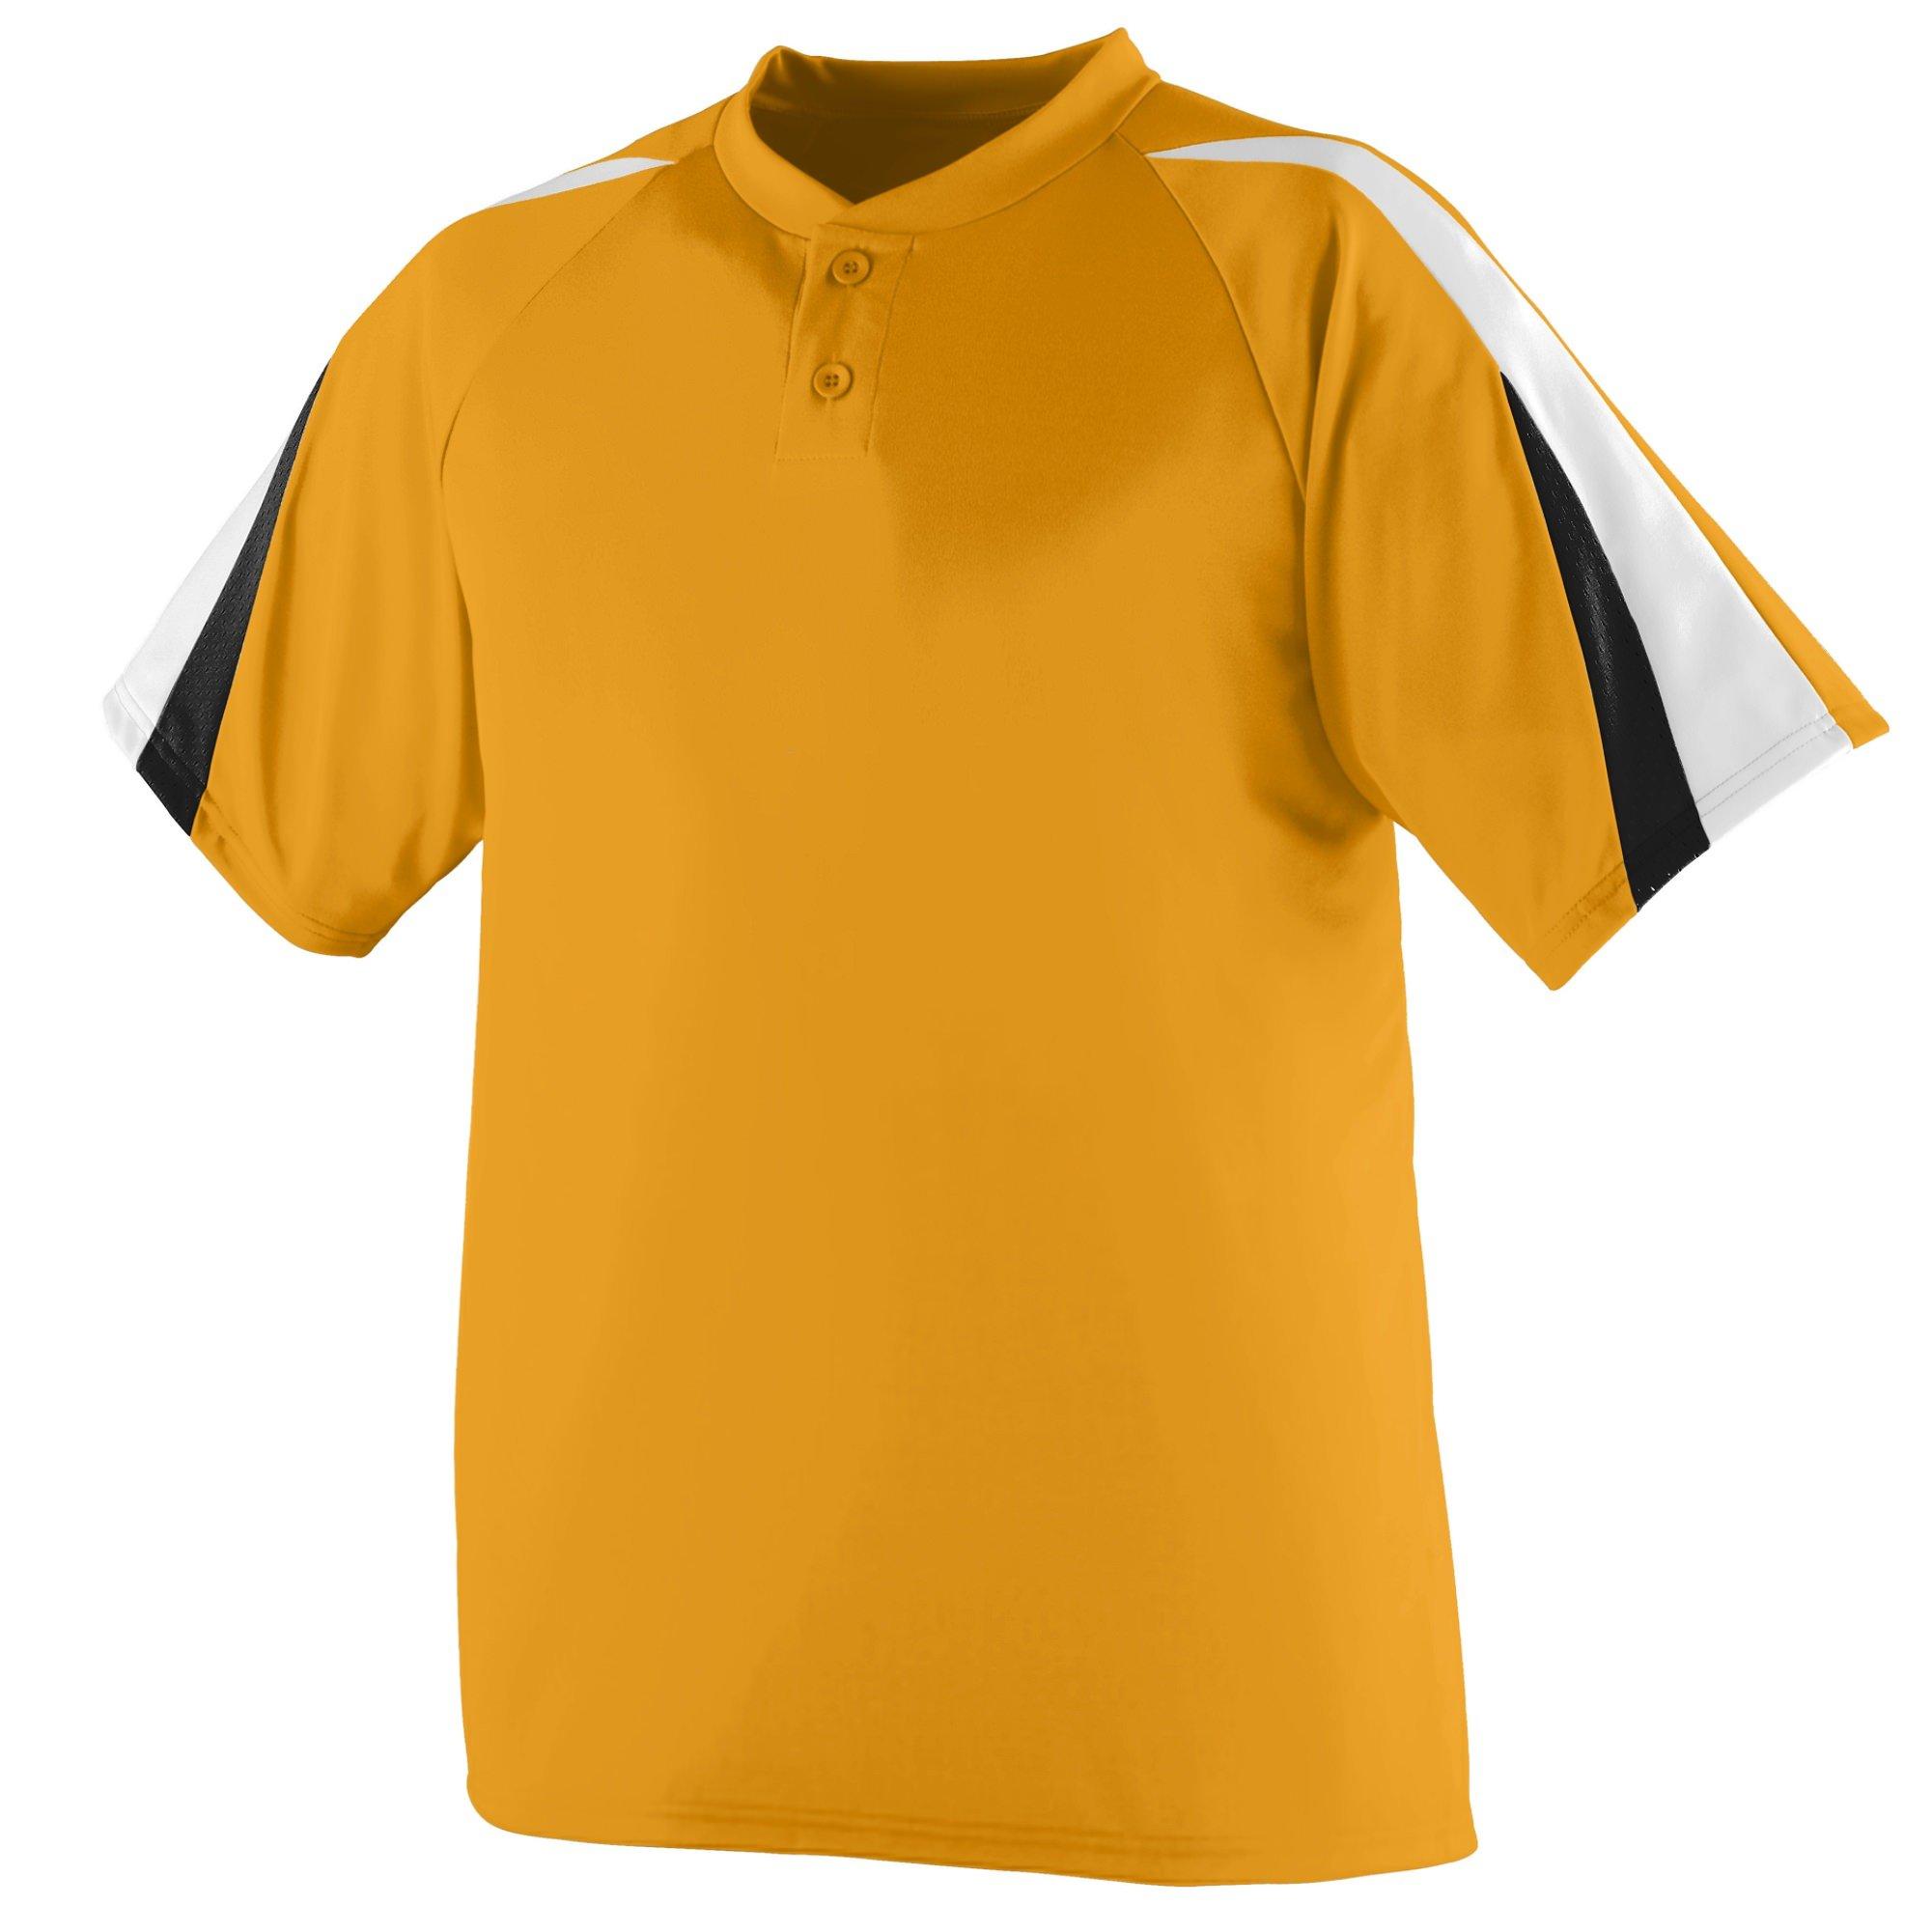 Augusta Sportswear Power Plus Jersey 2XL Gold/White/Black by Augusta Sportswear